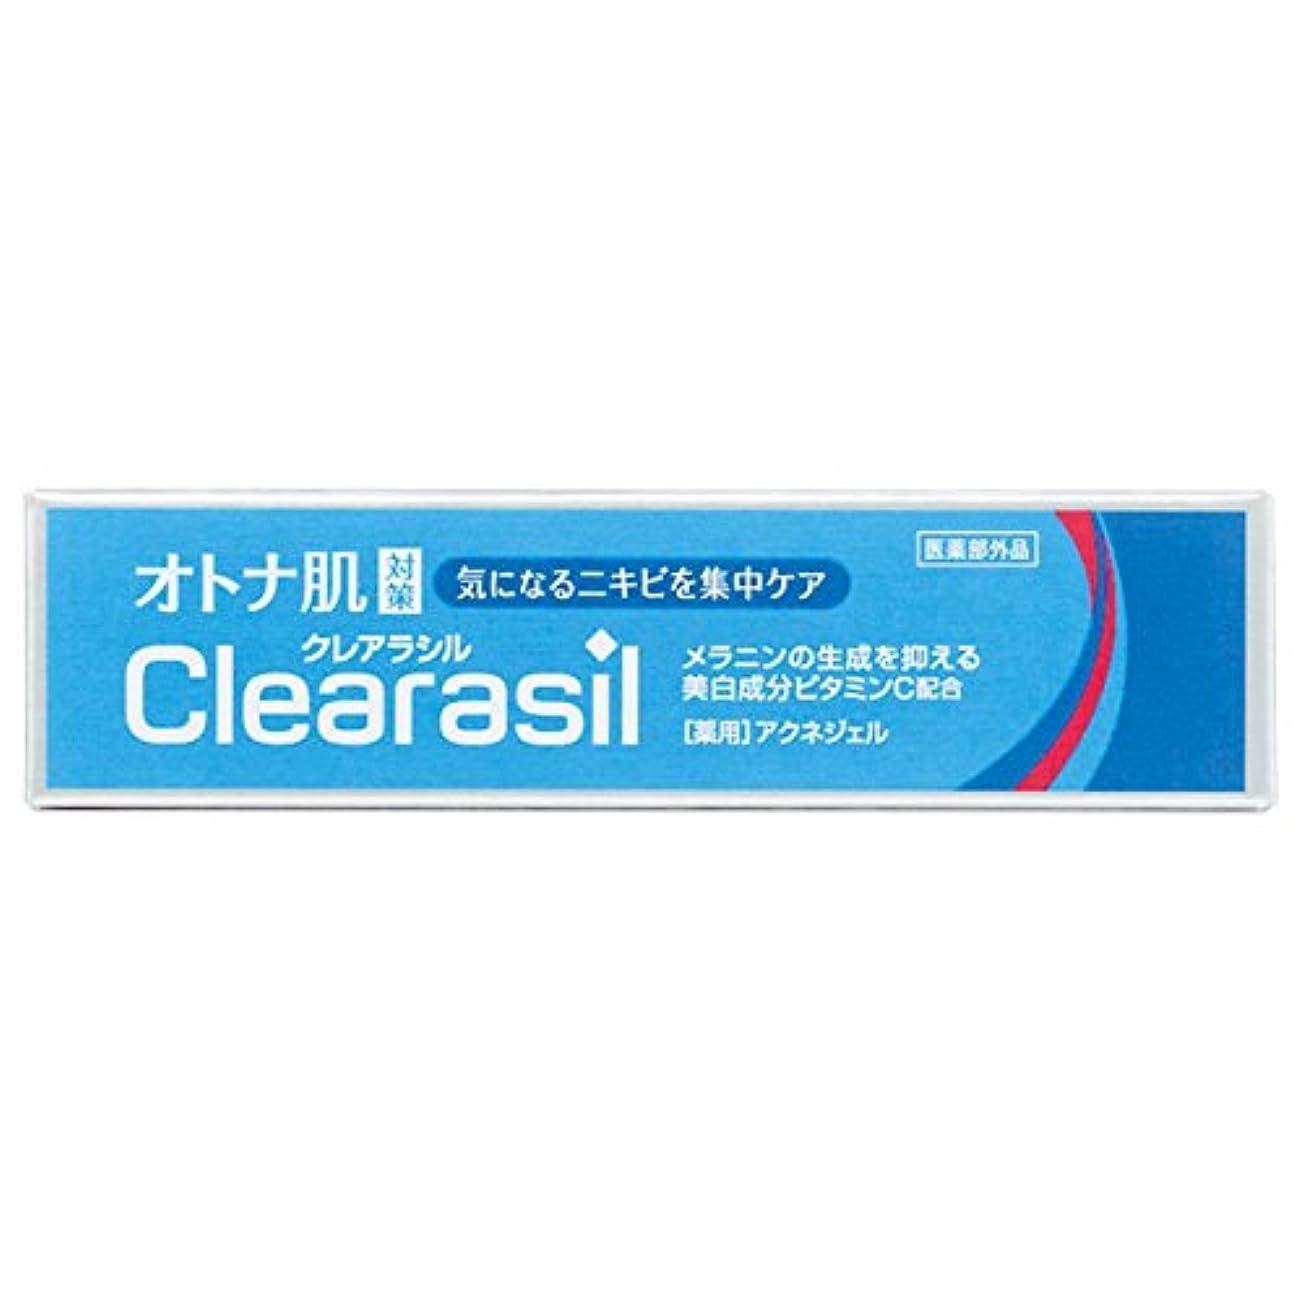 トランジスタエキゾチック合成【医薬部外品】クレアラシル オトナ肌対策 14G